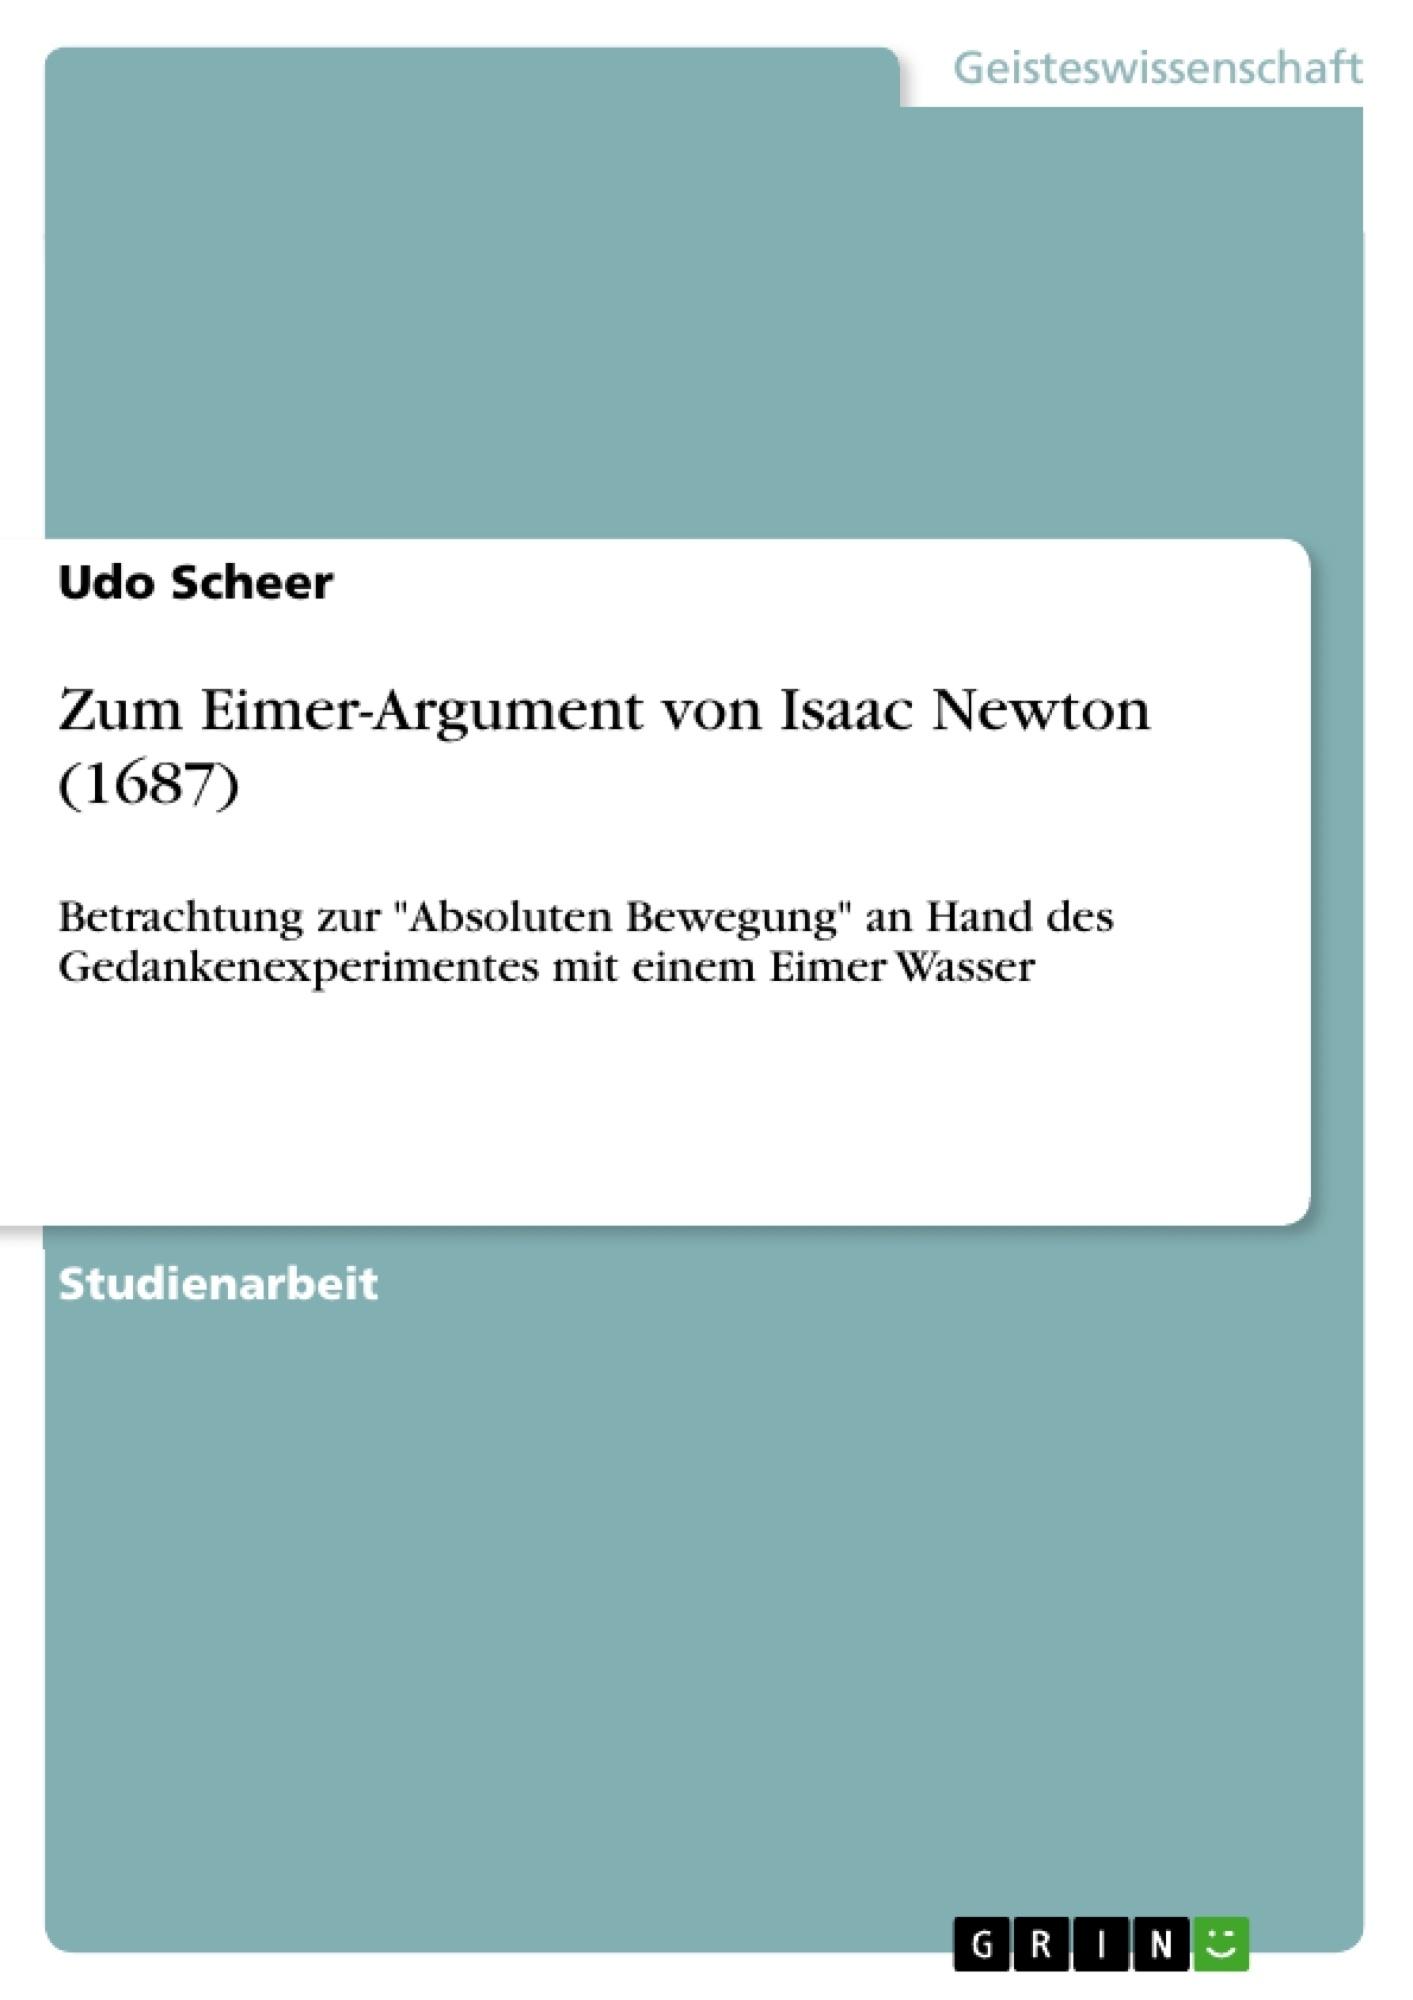 Titel: Zum Eimer-Argument von Isaac Newton (1687)